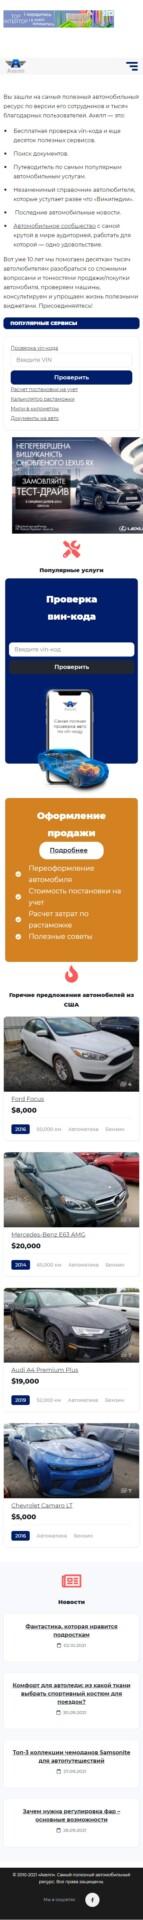 ahelp веб-разработка автомобильного портала сайта